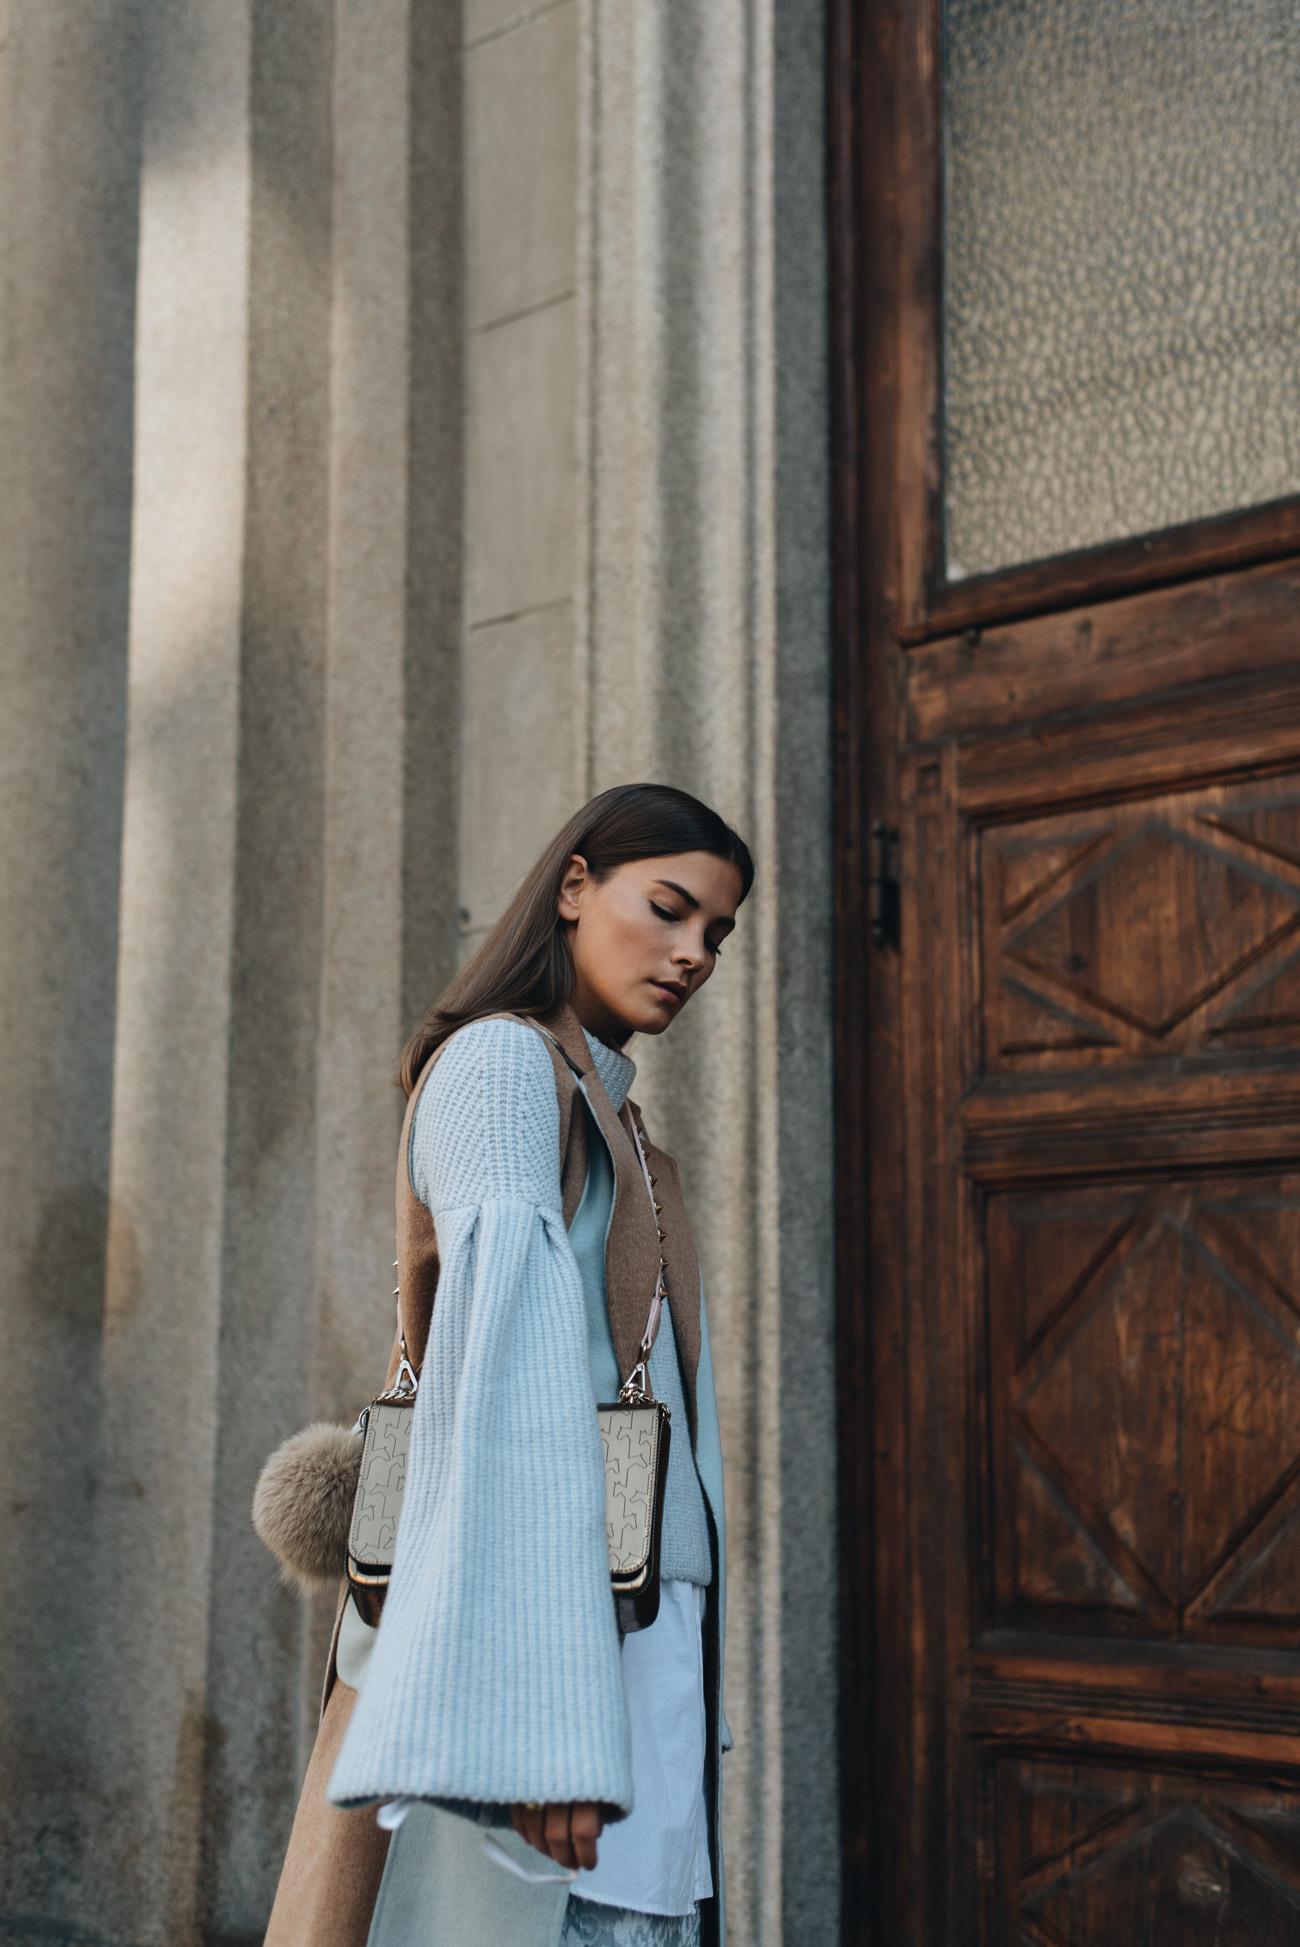 die-10-besten-und-größten-fashion-und-lifestyle-blogs-deutschlands-münchen-high-fashion-beauty-influencer-fashiioncarpet-nina-schwichtenberg